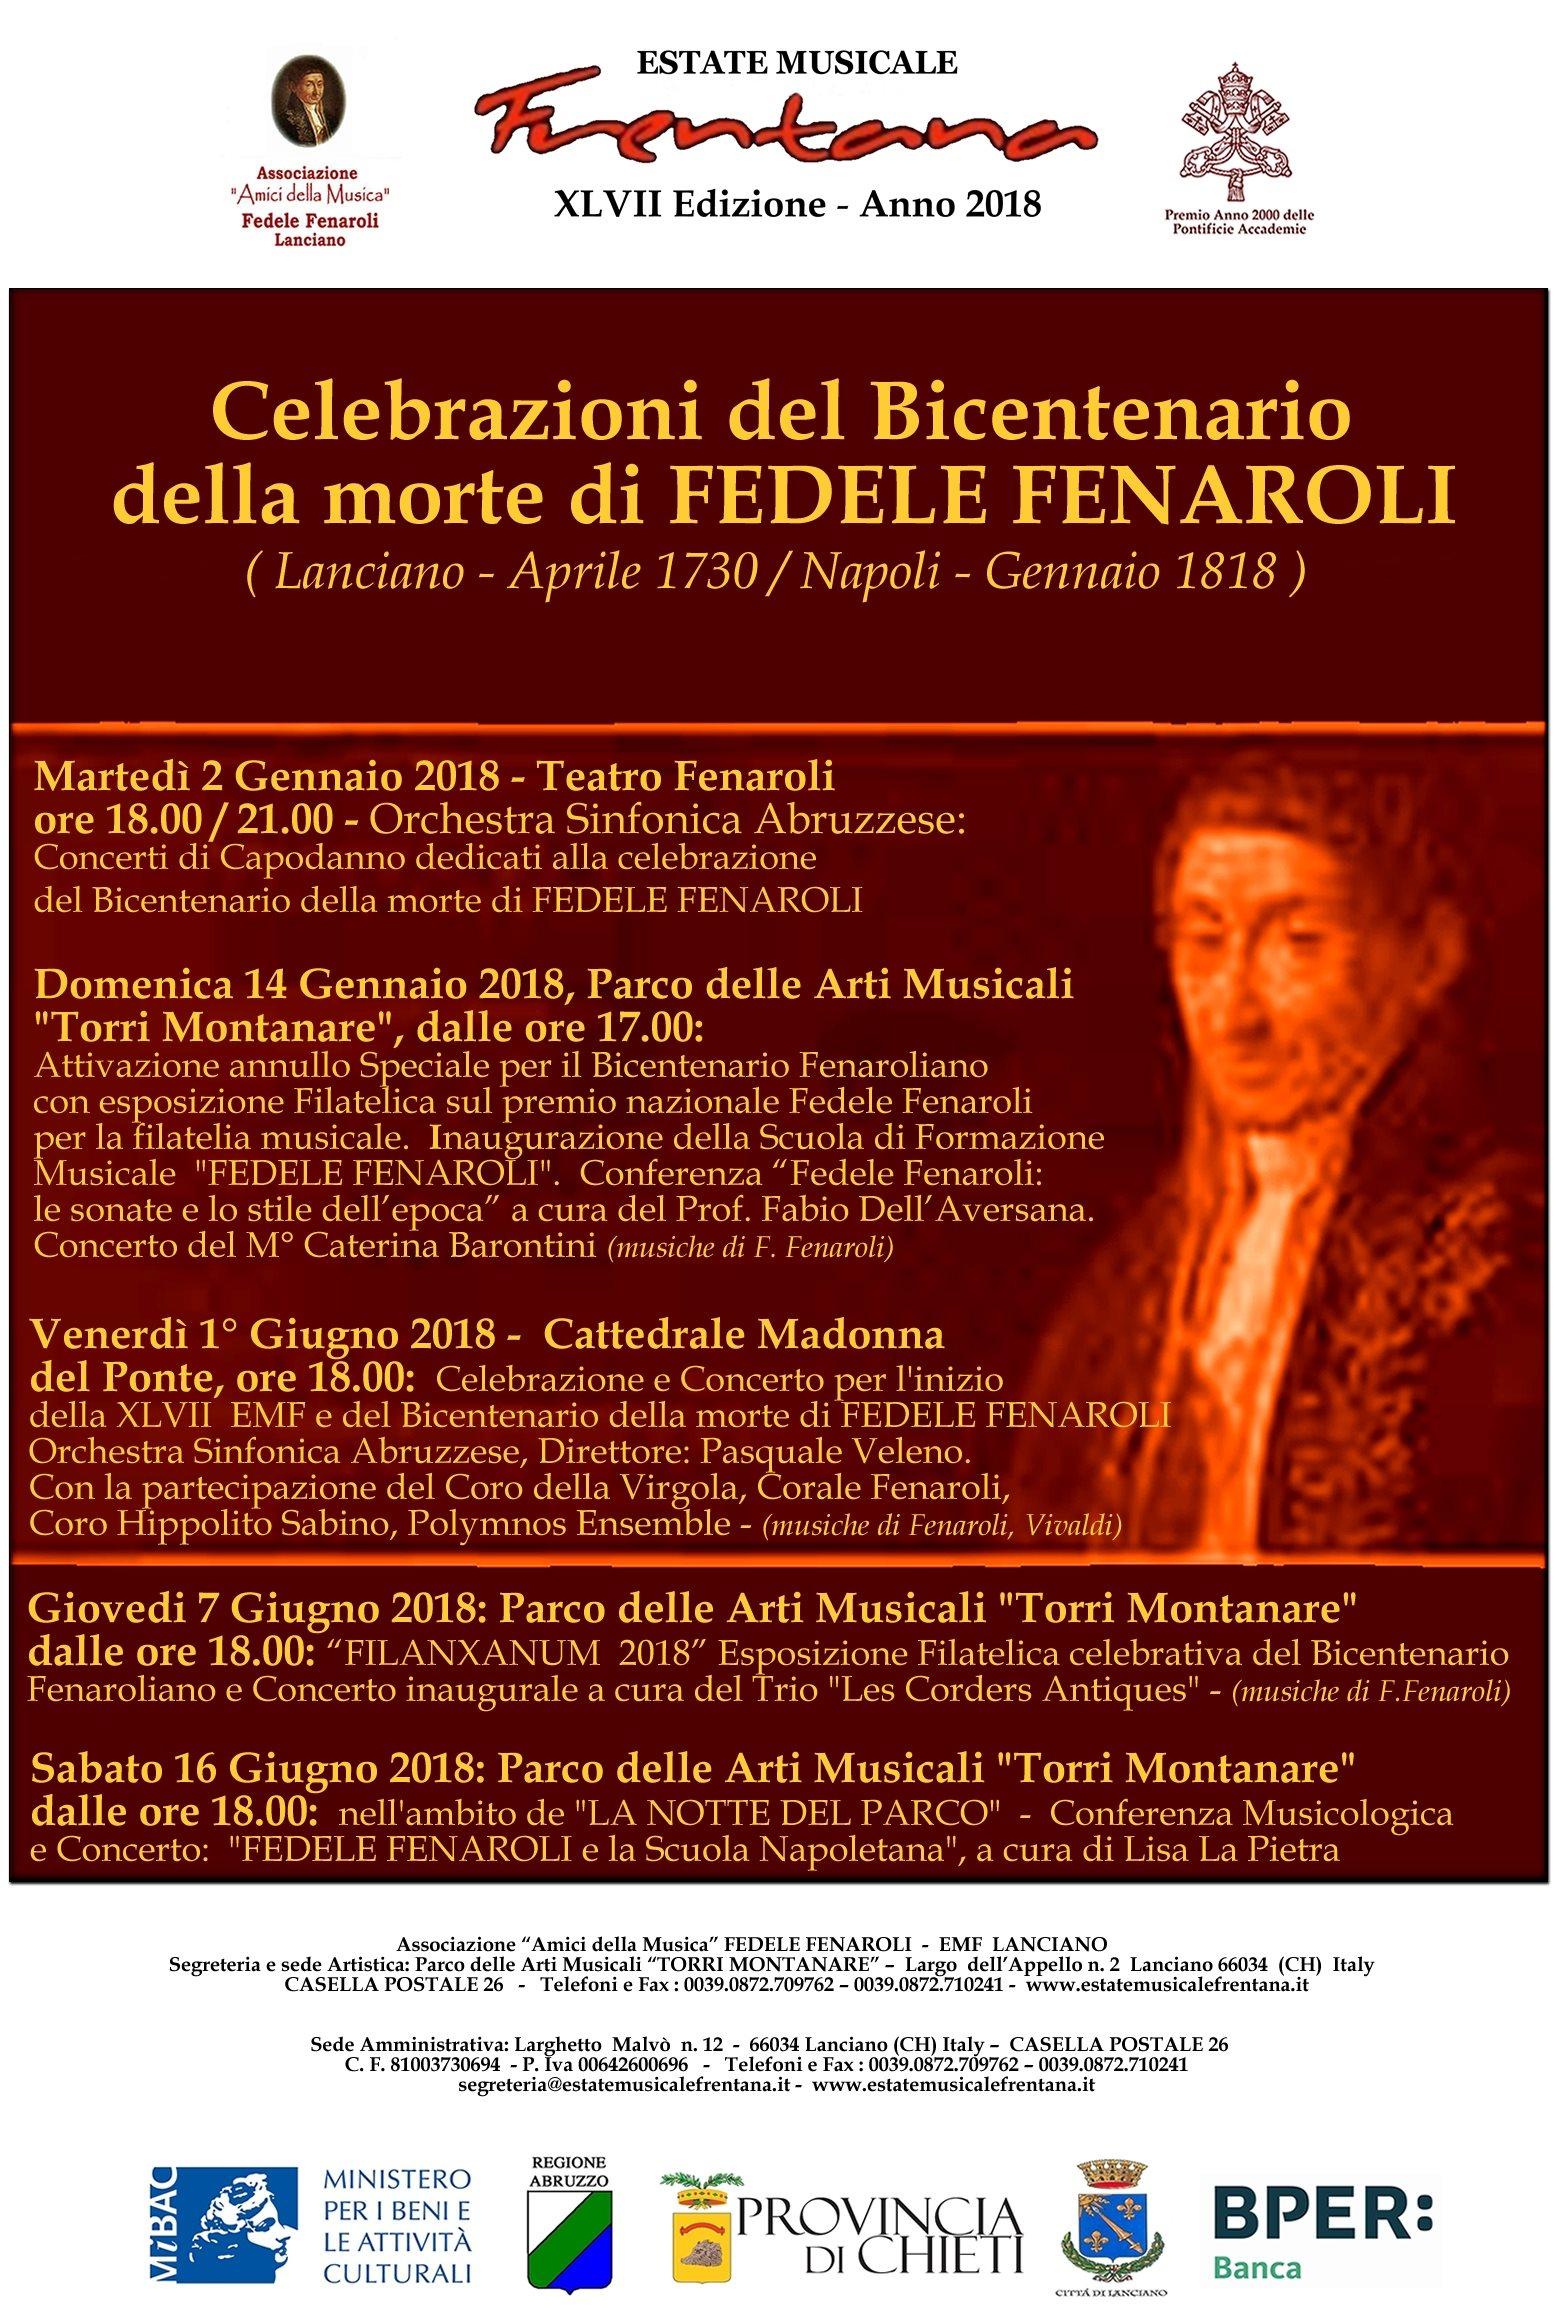 Celebrazioni del Bicentenario della morte di FEDELE FENAROLI 8acb215961a